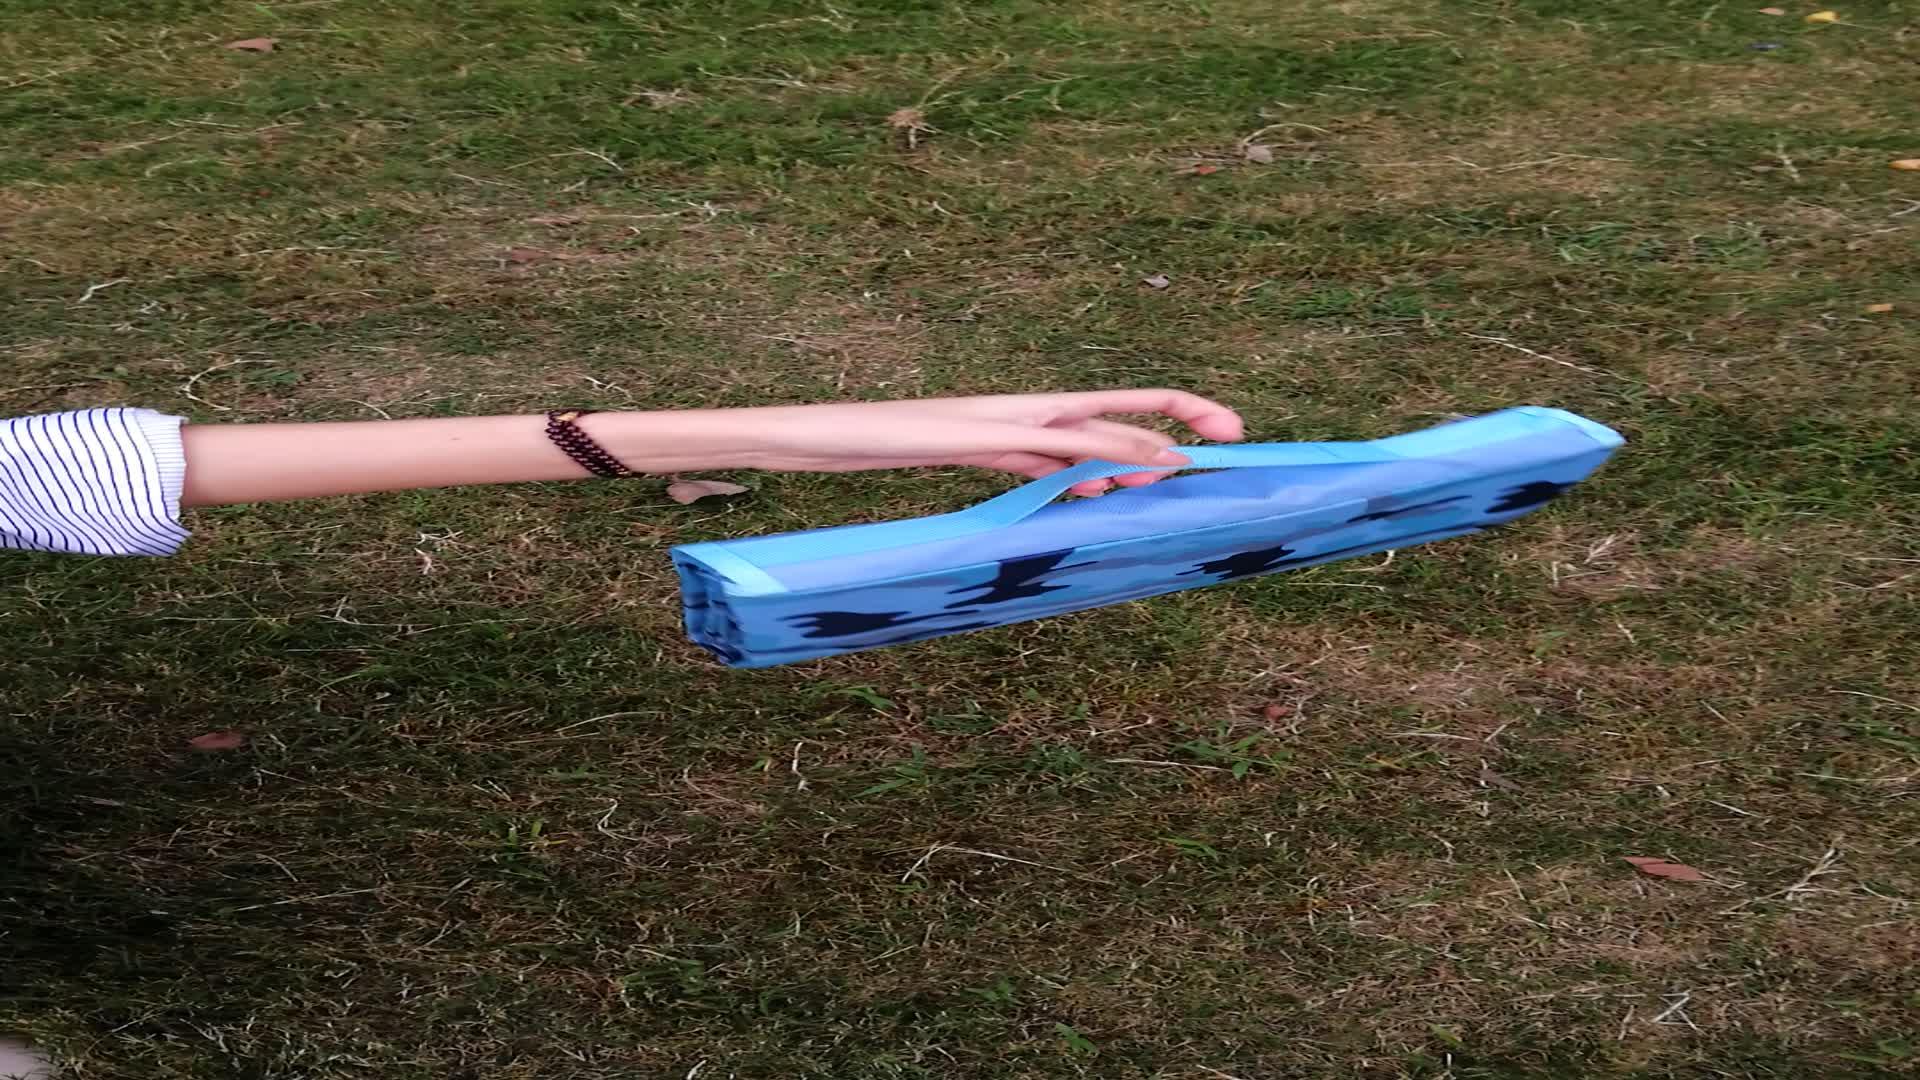 Aislamiento dormir Mat sombrilla plegable patrón impreso al aire libre alfombra de Picnic para los niños de Camping